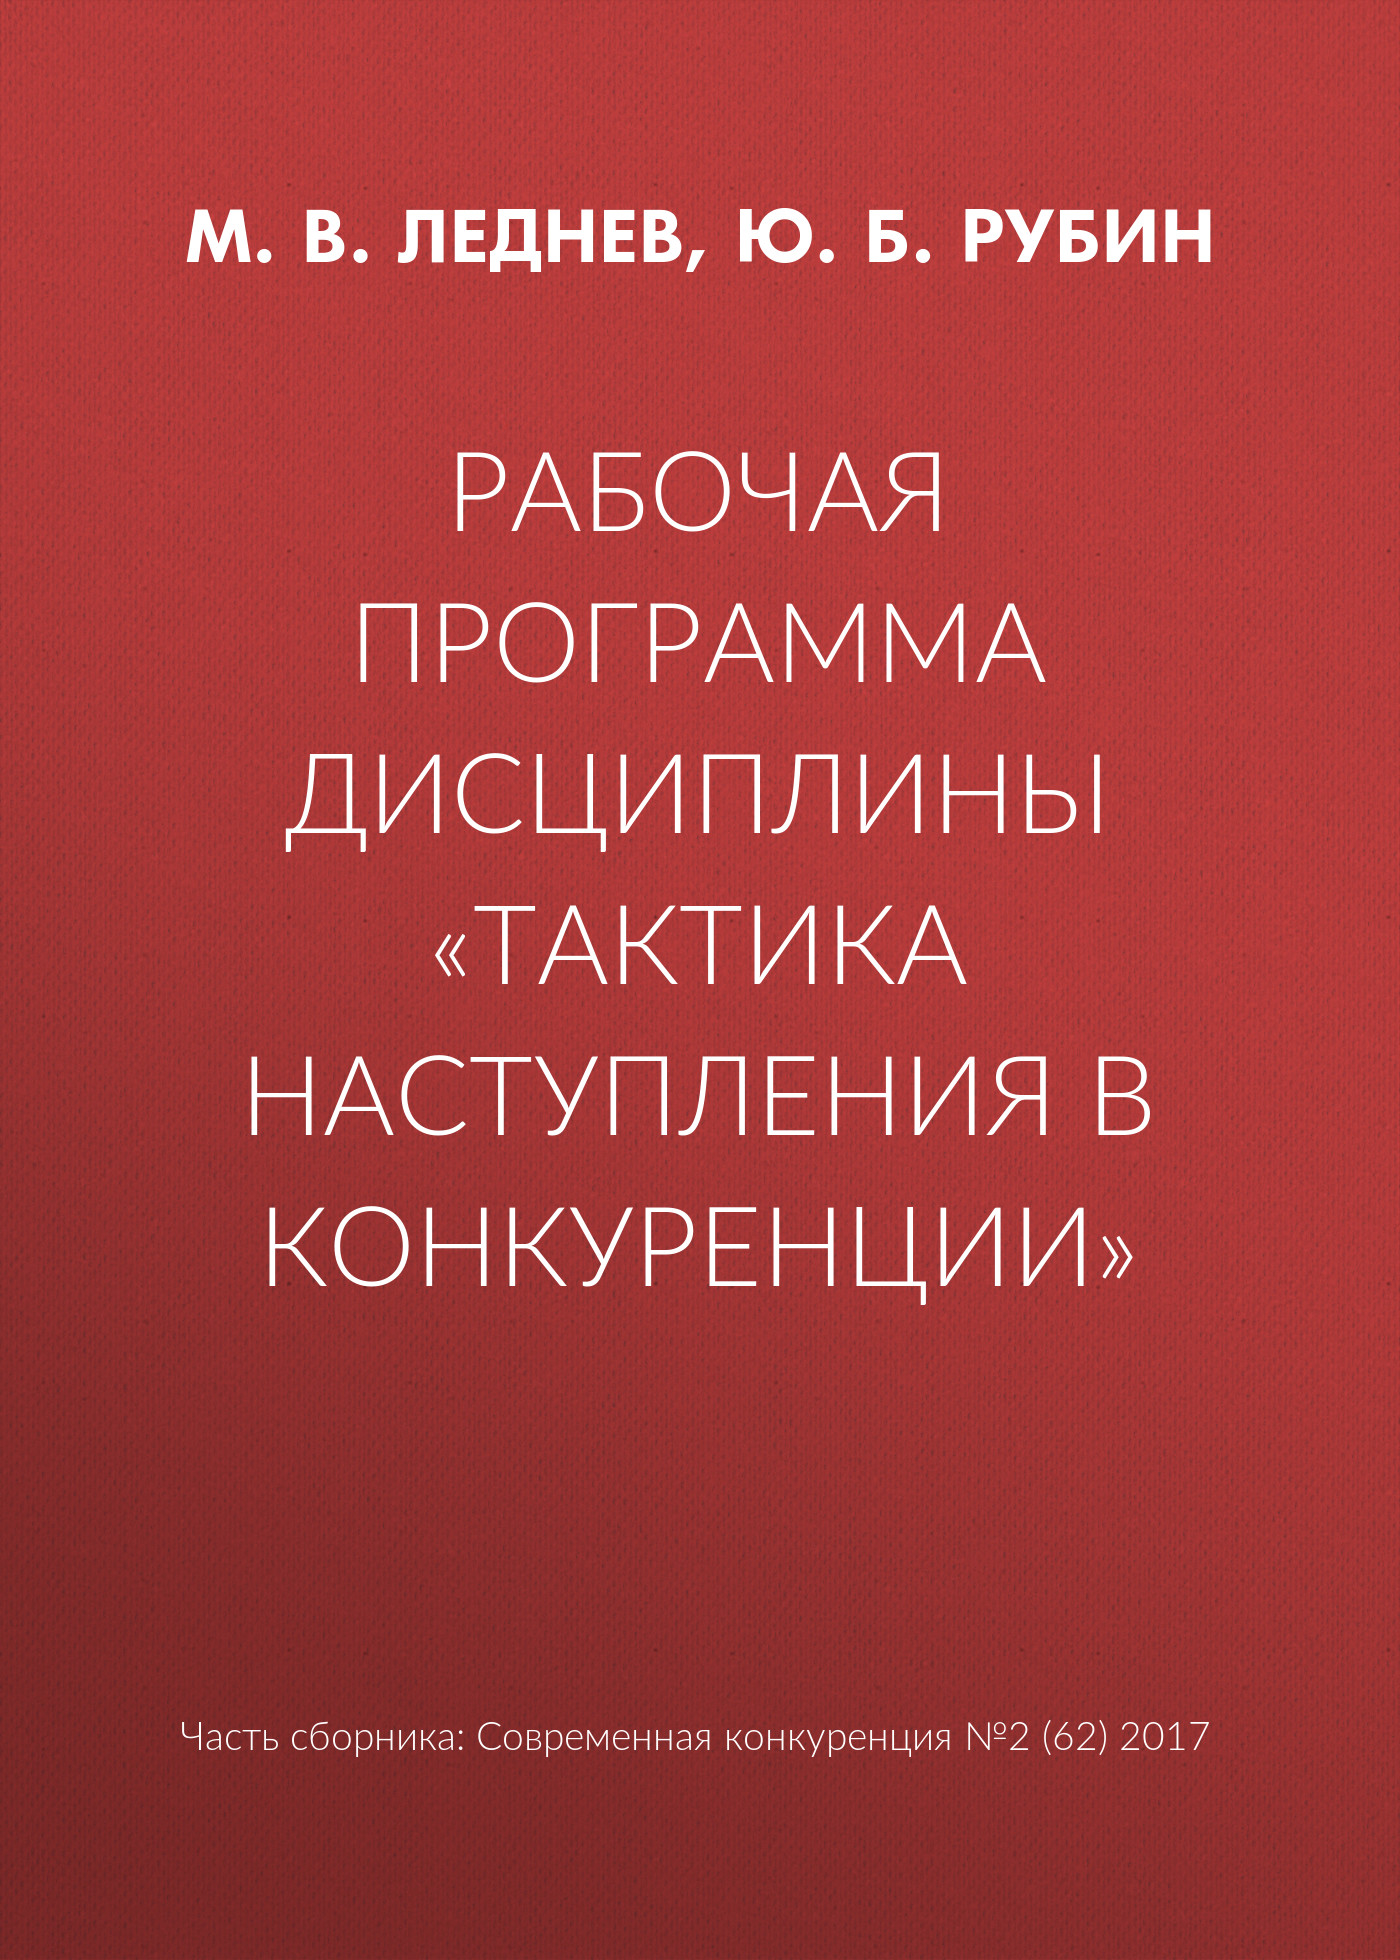 Ю. Б. Рубин Рабочая программа дисциплины «Тактика наступления в конкуренции» ю б рубин стратегии конкурентных действий